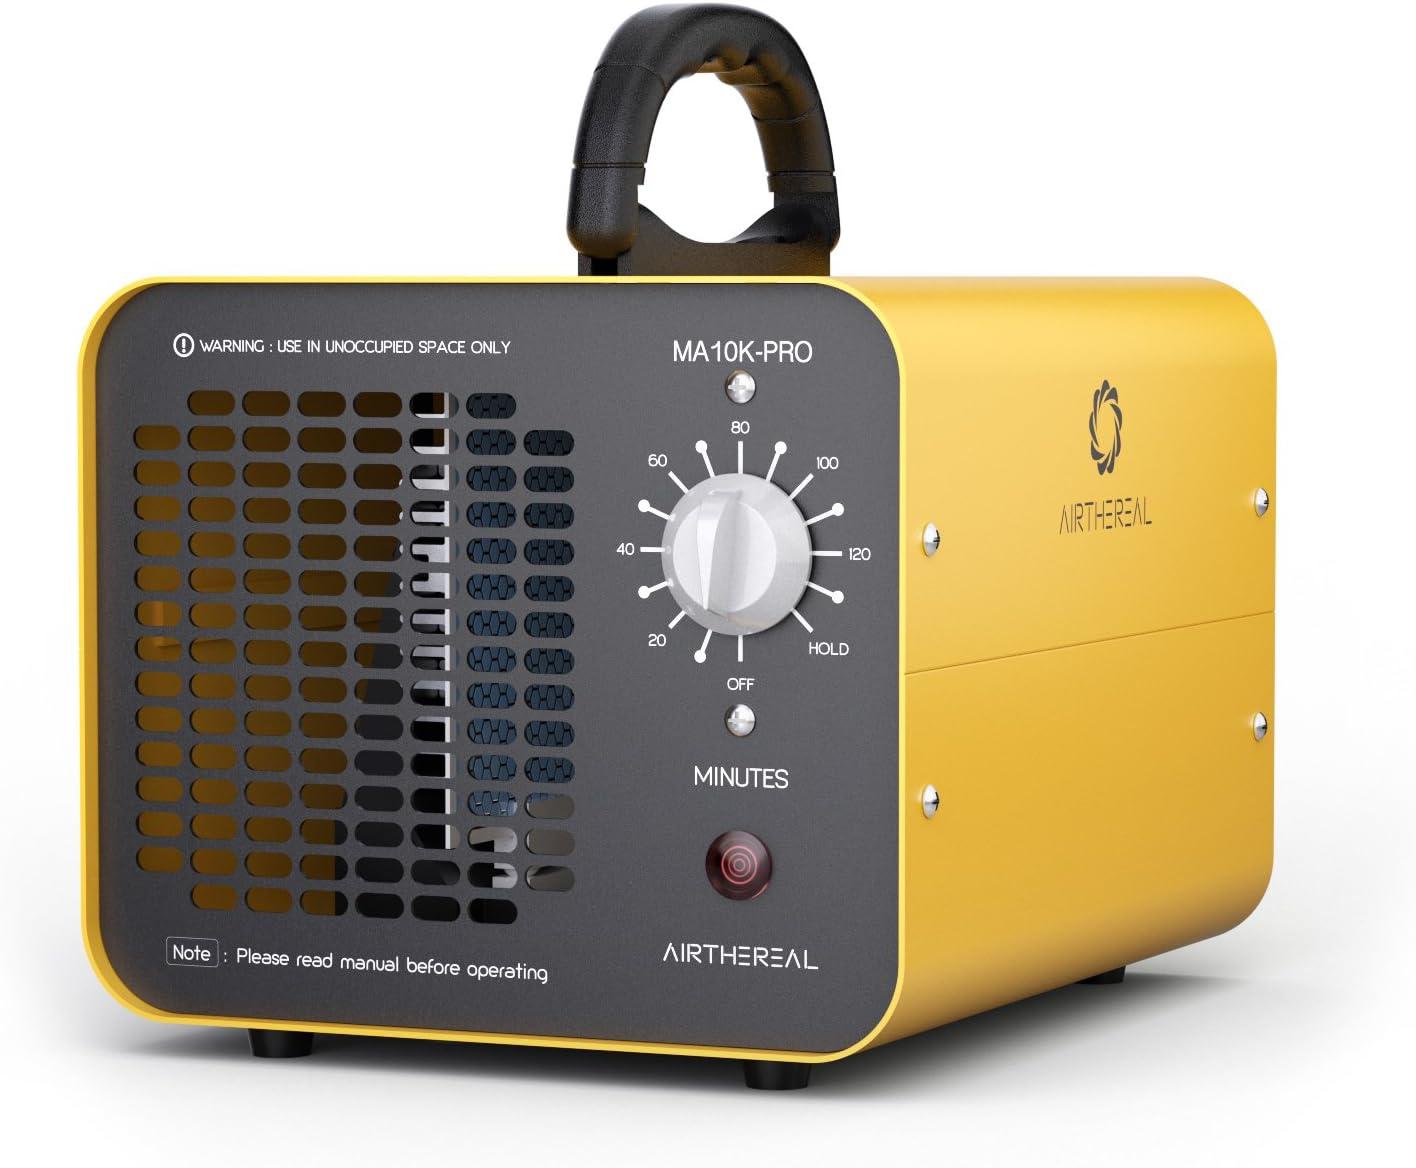 Airthereal MA10K-PRO 10,000mg / HR Generador de ozono Industrial Asesino de olores con Temporizador para Habitaciones, hoteles, Autos, Mascotas, Humo y Granjas, Aluminum, Amarillo